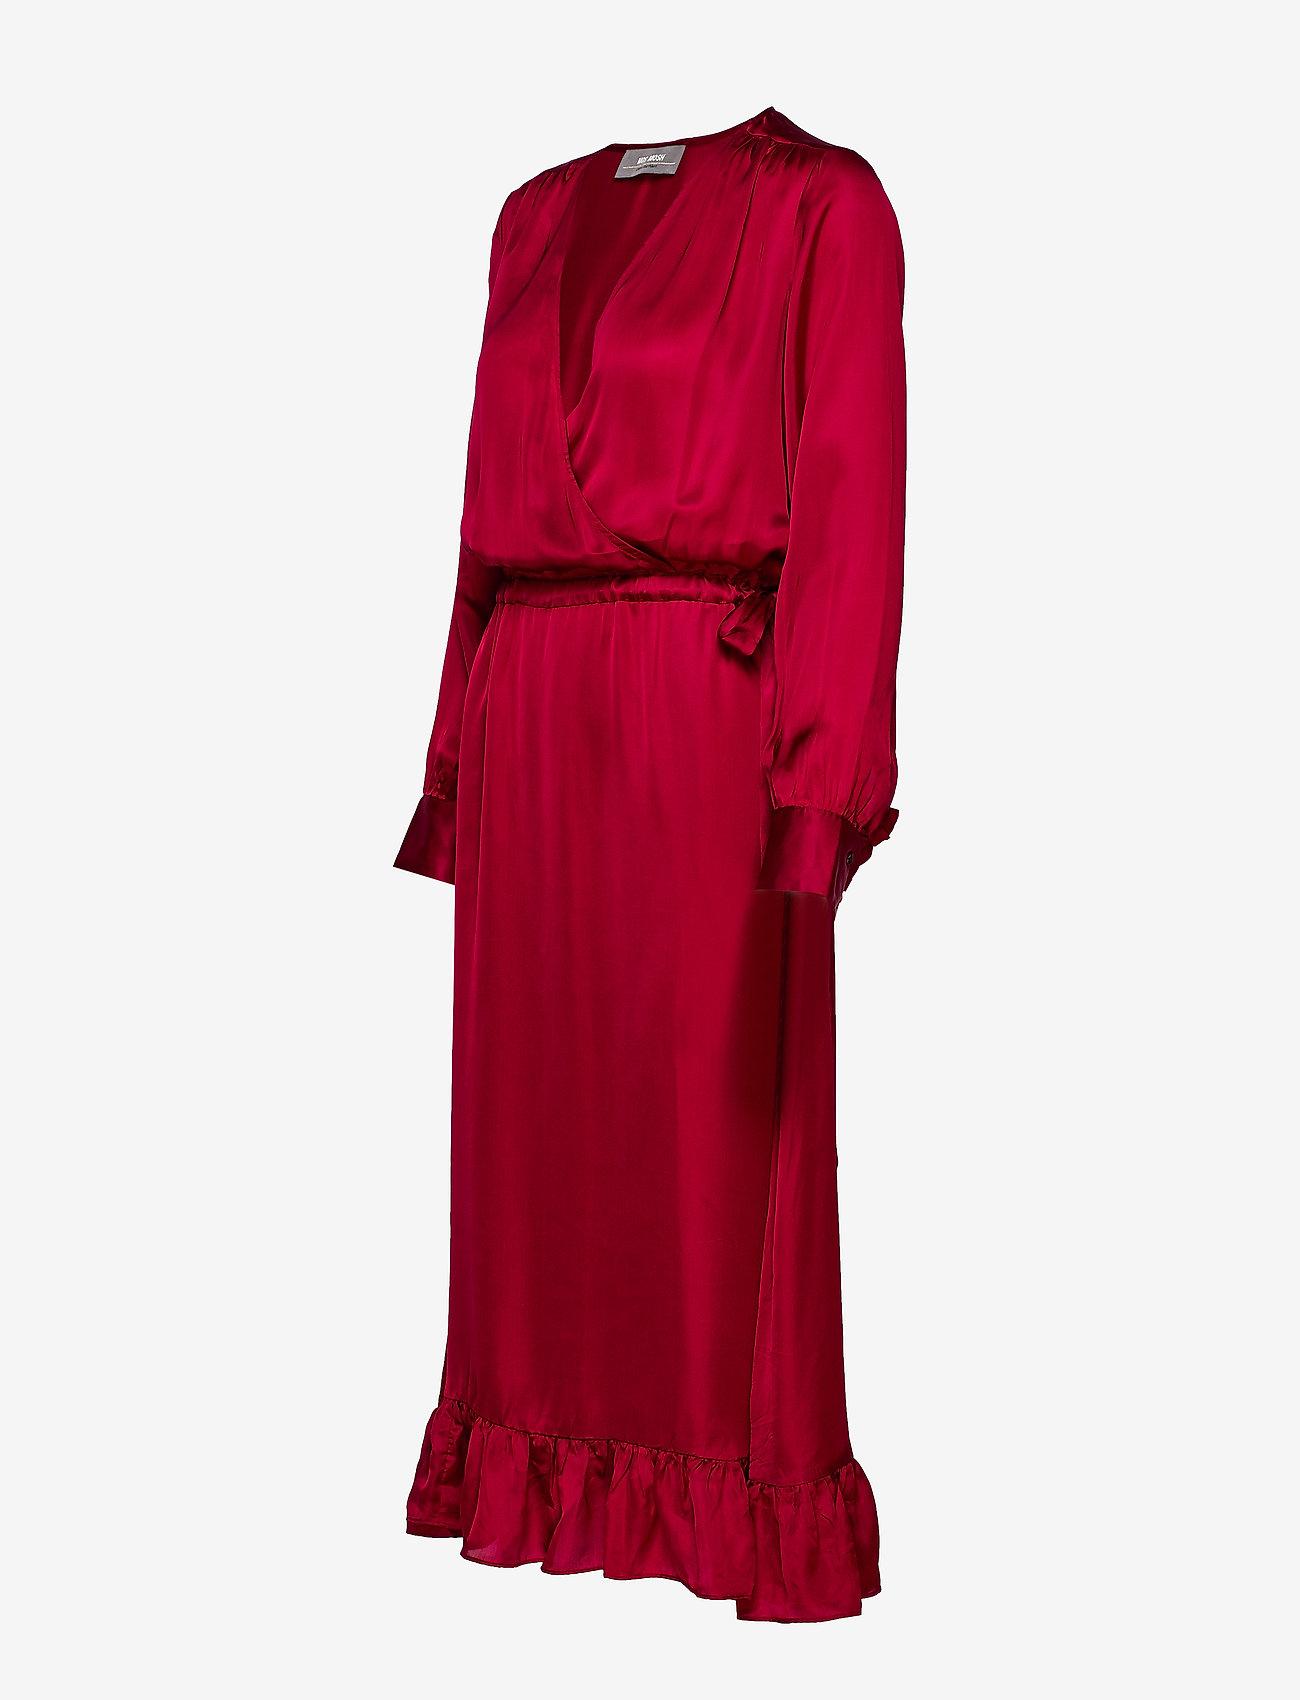 MOS MOSH Chita Dress - Sukienki COURAGE RED - Kobiety Odzież.